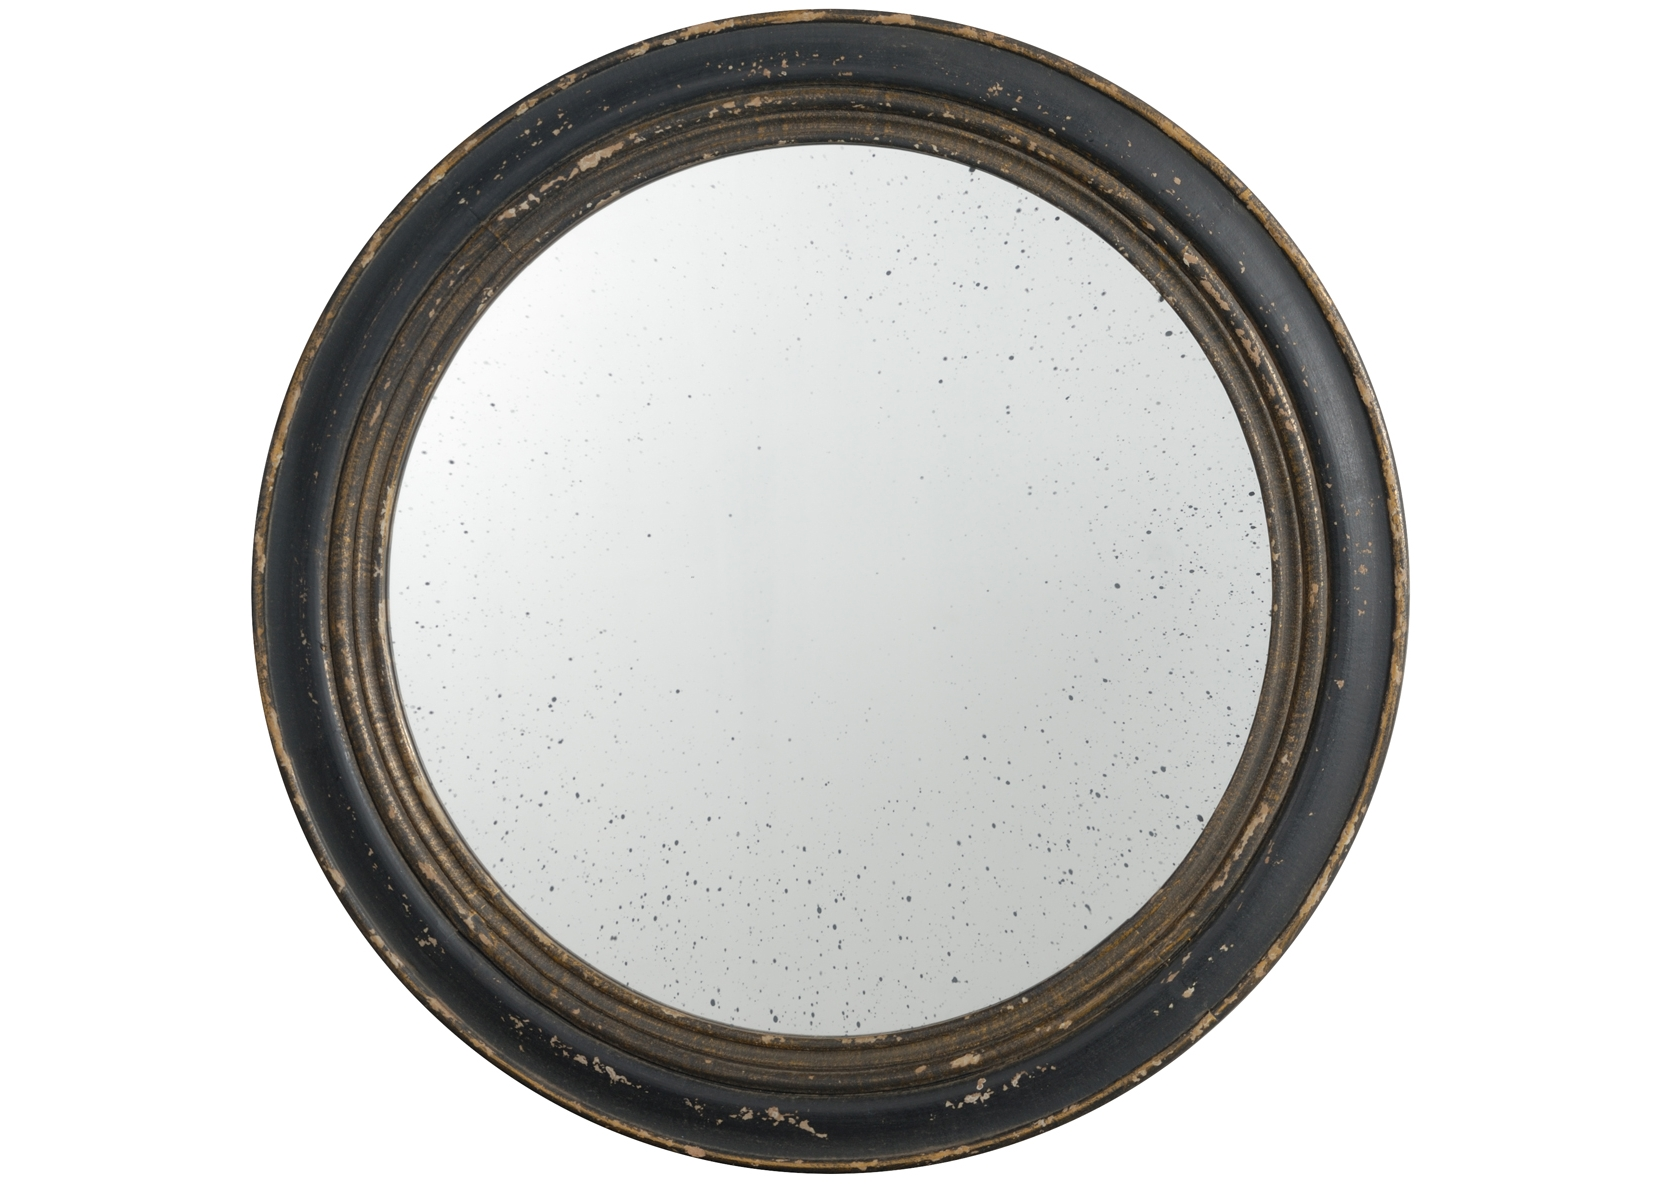 Зеркало настенноеНастенные зеркала<br>Зеркало настенное декоративное с патиной &amp;quot;под старину&amp;quot;&amp;lt;div&amp;gt;Вес - 3.75 кг&amp;lt;/div&amp;gt;<br><br>Material: Стекло<br>Depth см: 2<br>Diameter см: 60